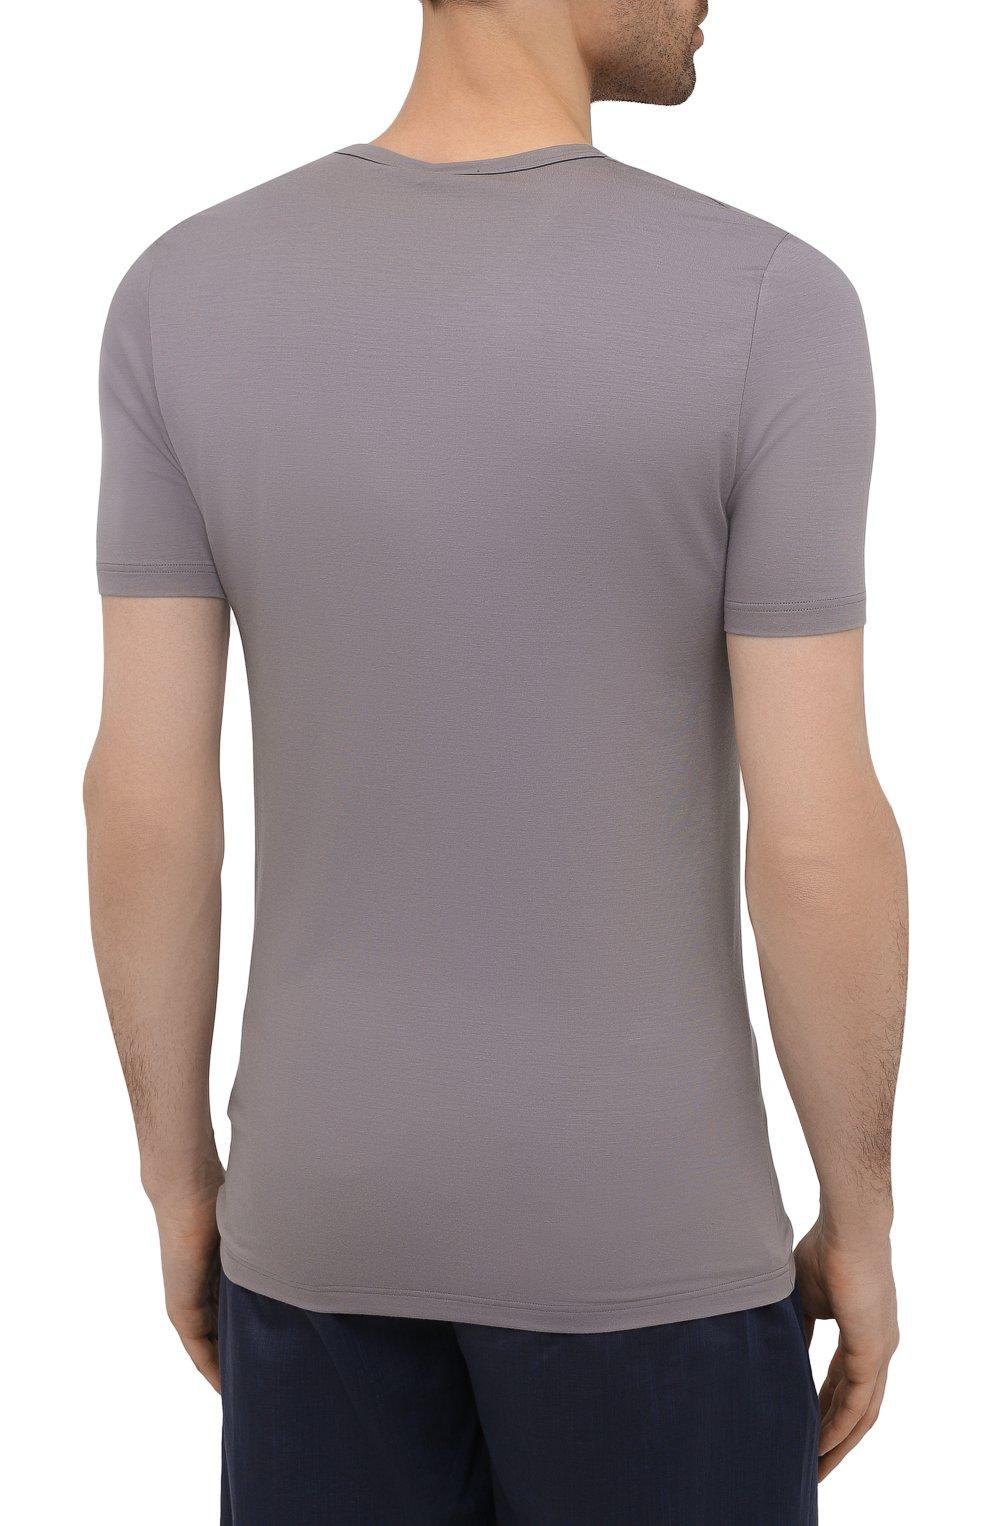 Мужская футболка ZIMMERLI серого цвета, арт. 700-1346 | Фото 4 (Кросс-КТ: домашняя одежда; Рукава: Короткие; Материал внешний: Синтетический материал; Длина (для топов): Стандартные; Мужское Кросс-КТ: Футболка-белье)